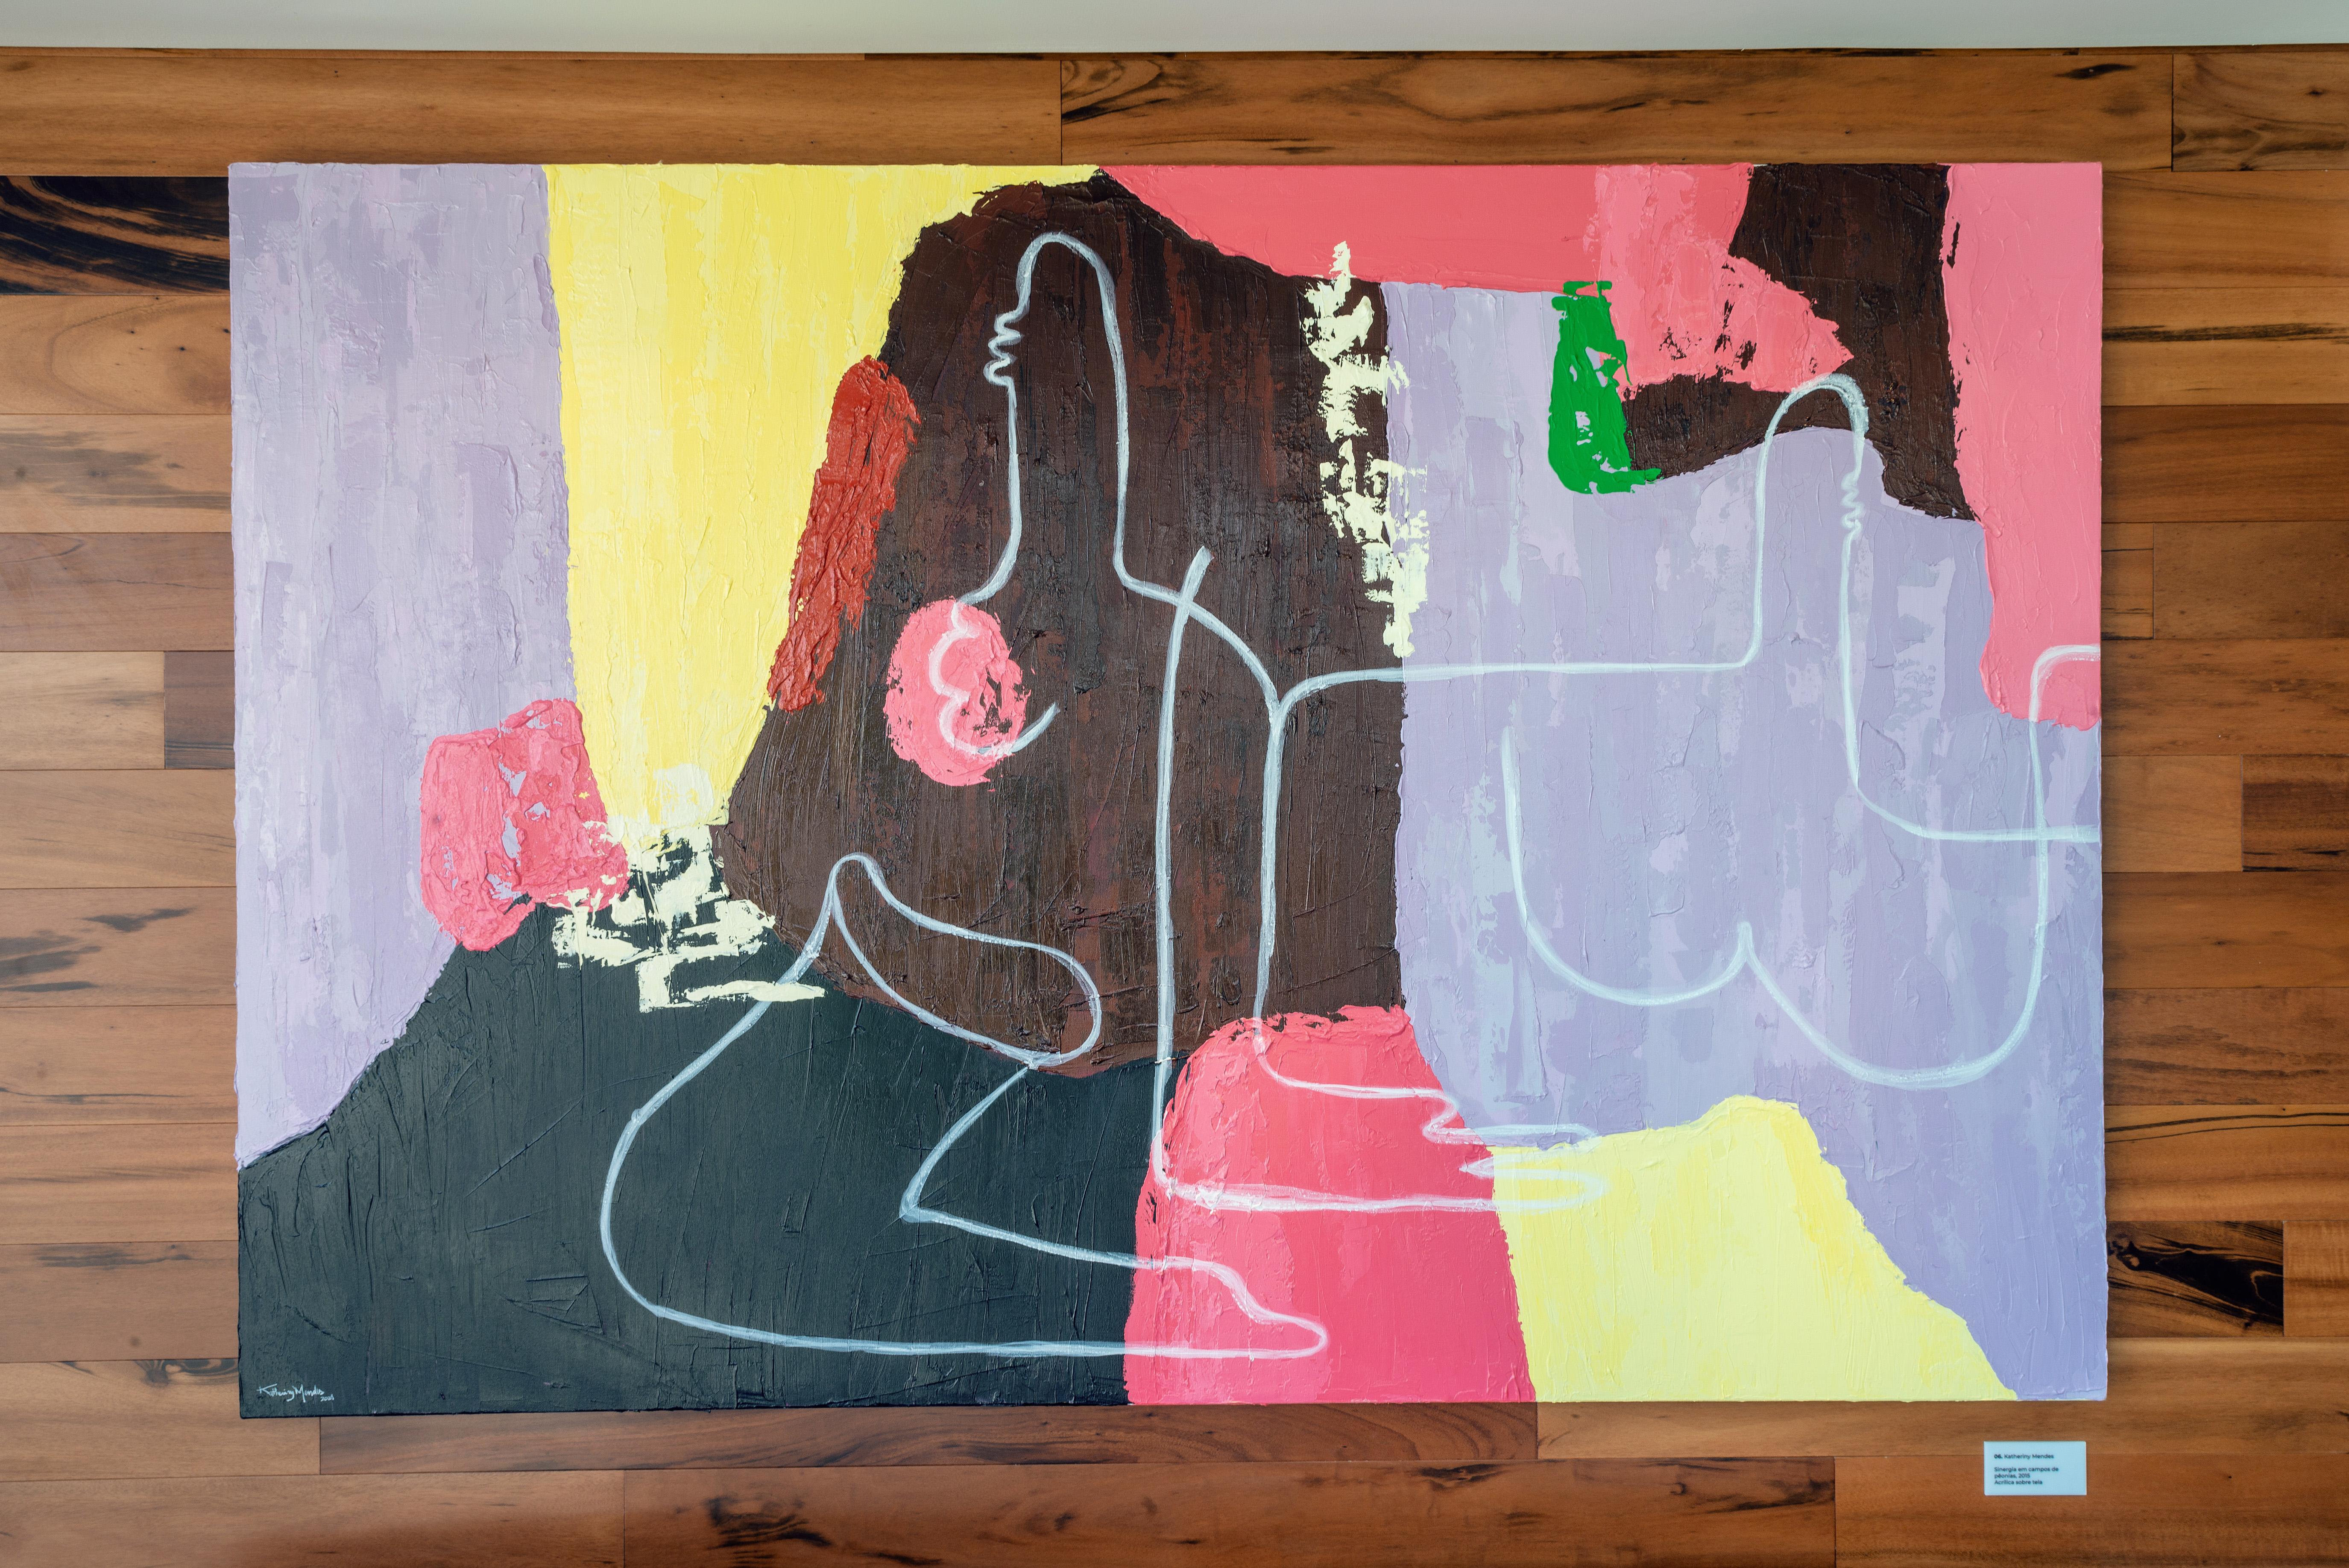 11 artistas paranaenses foram escolhidos para ajudar a criar uma atmosfera de tranquilidade e contemplação.